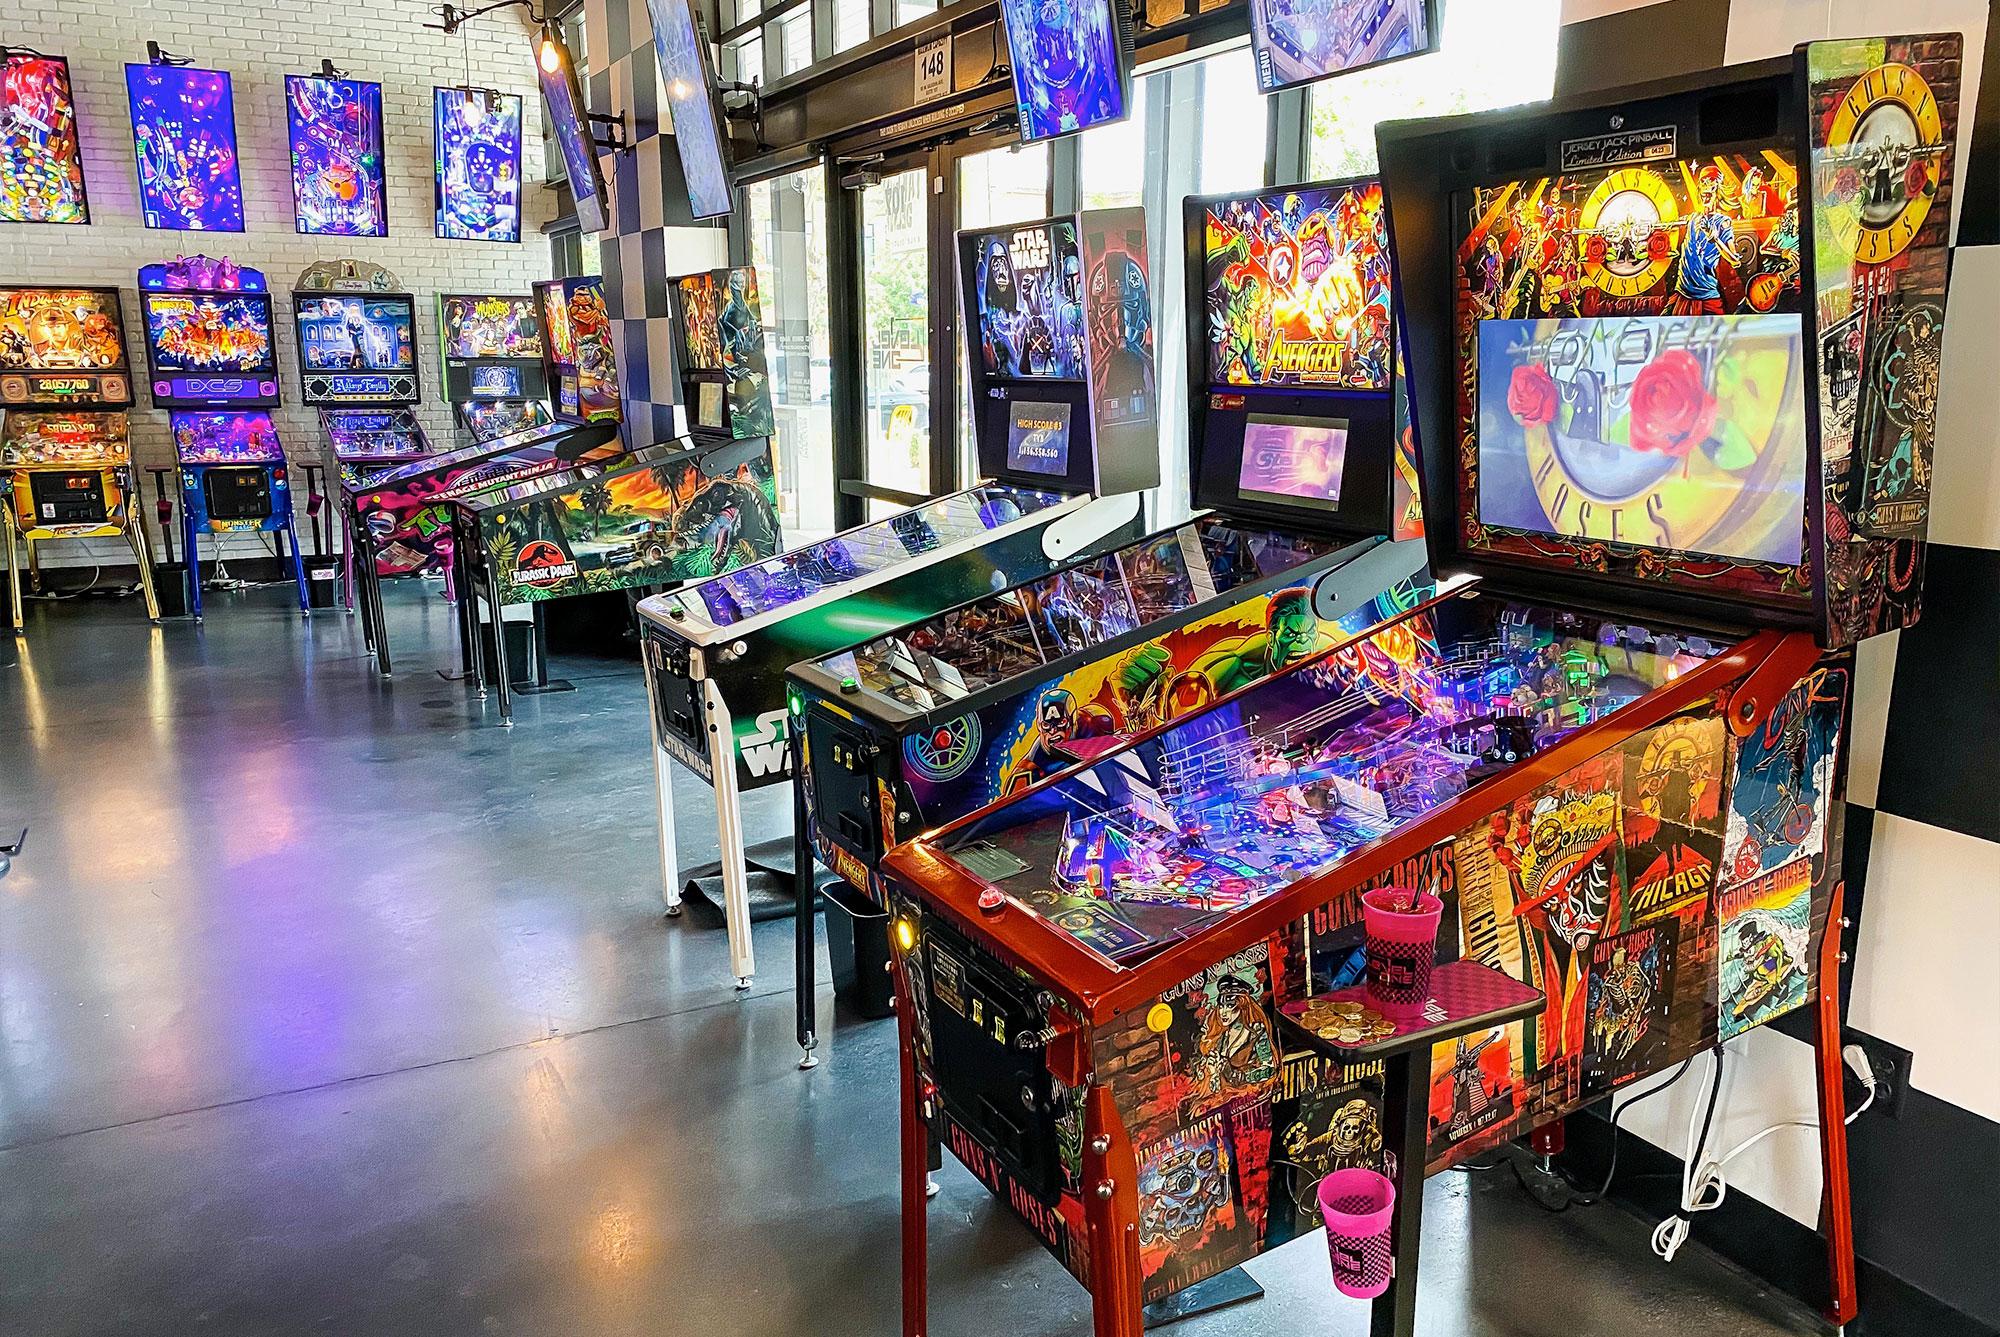 Guns N Roses Jersey Jack Pinball Machine at Level 1 Arcade